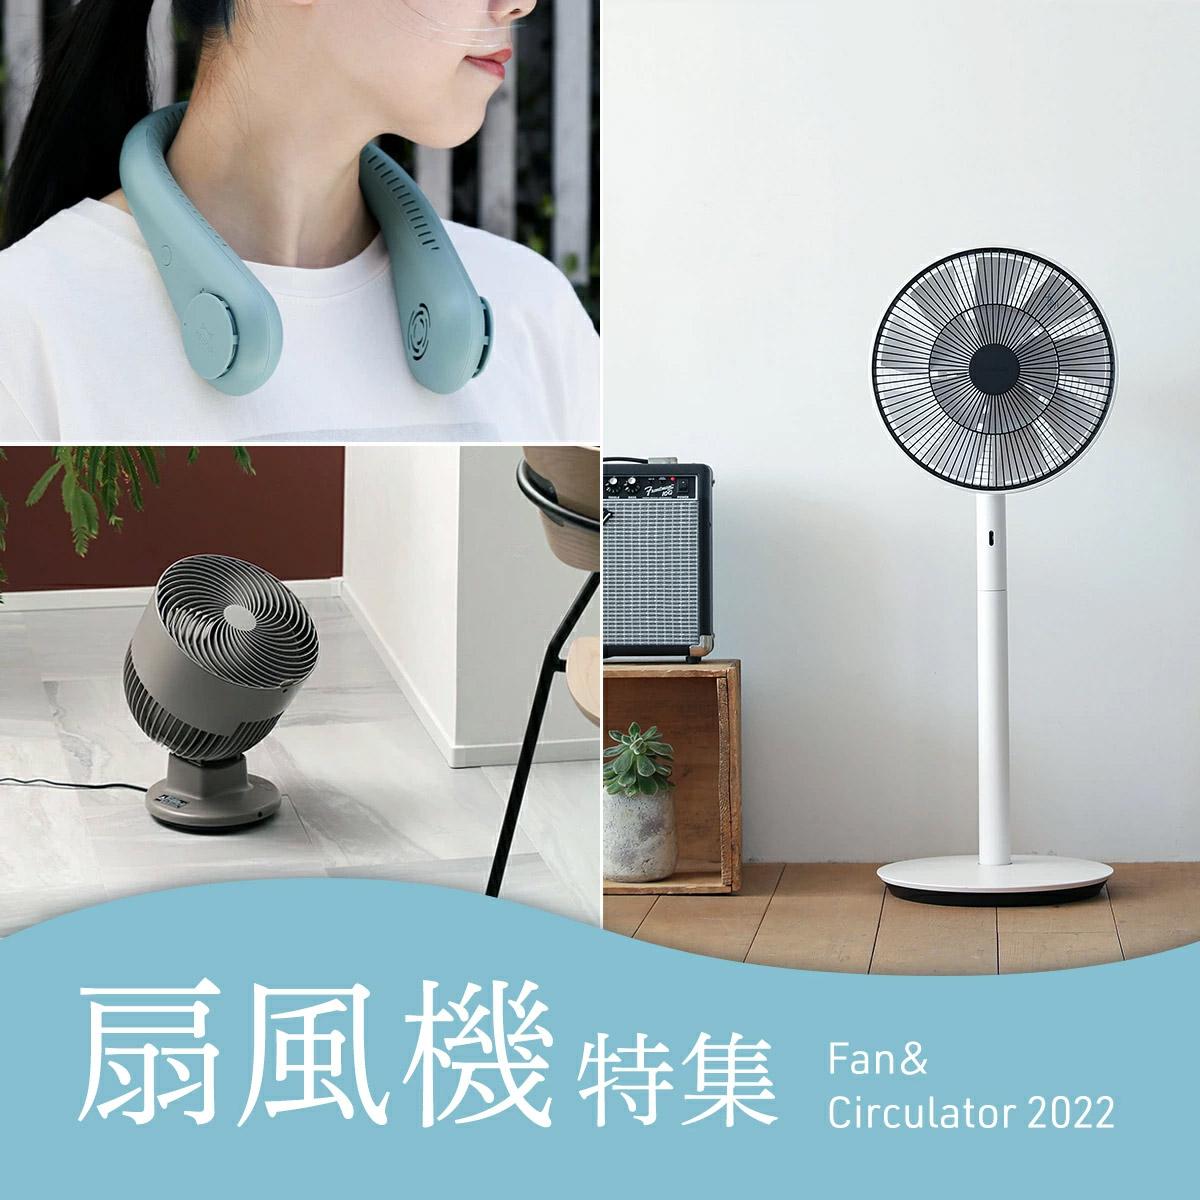 扇風機特集 | マスクによる暑さ対策に最適な扇風機を集めました